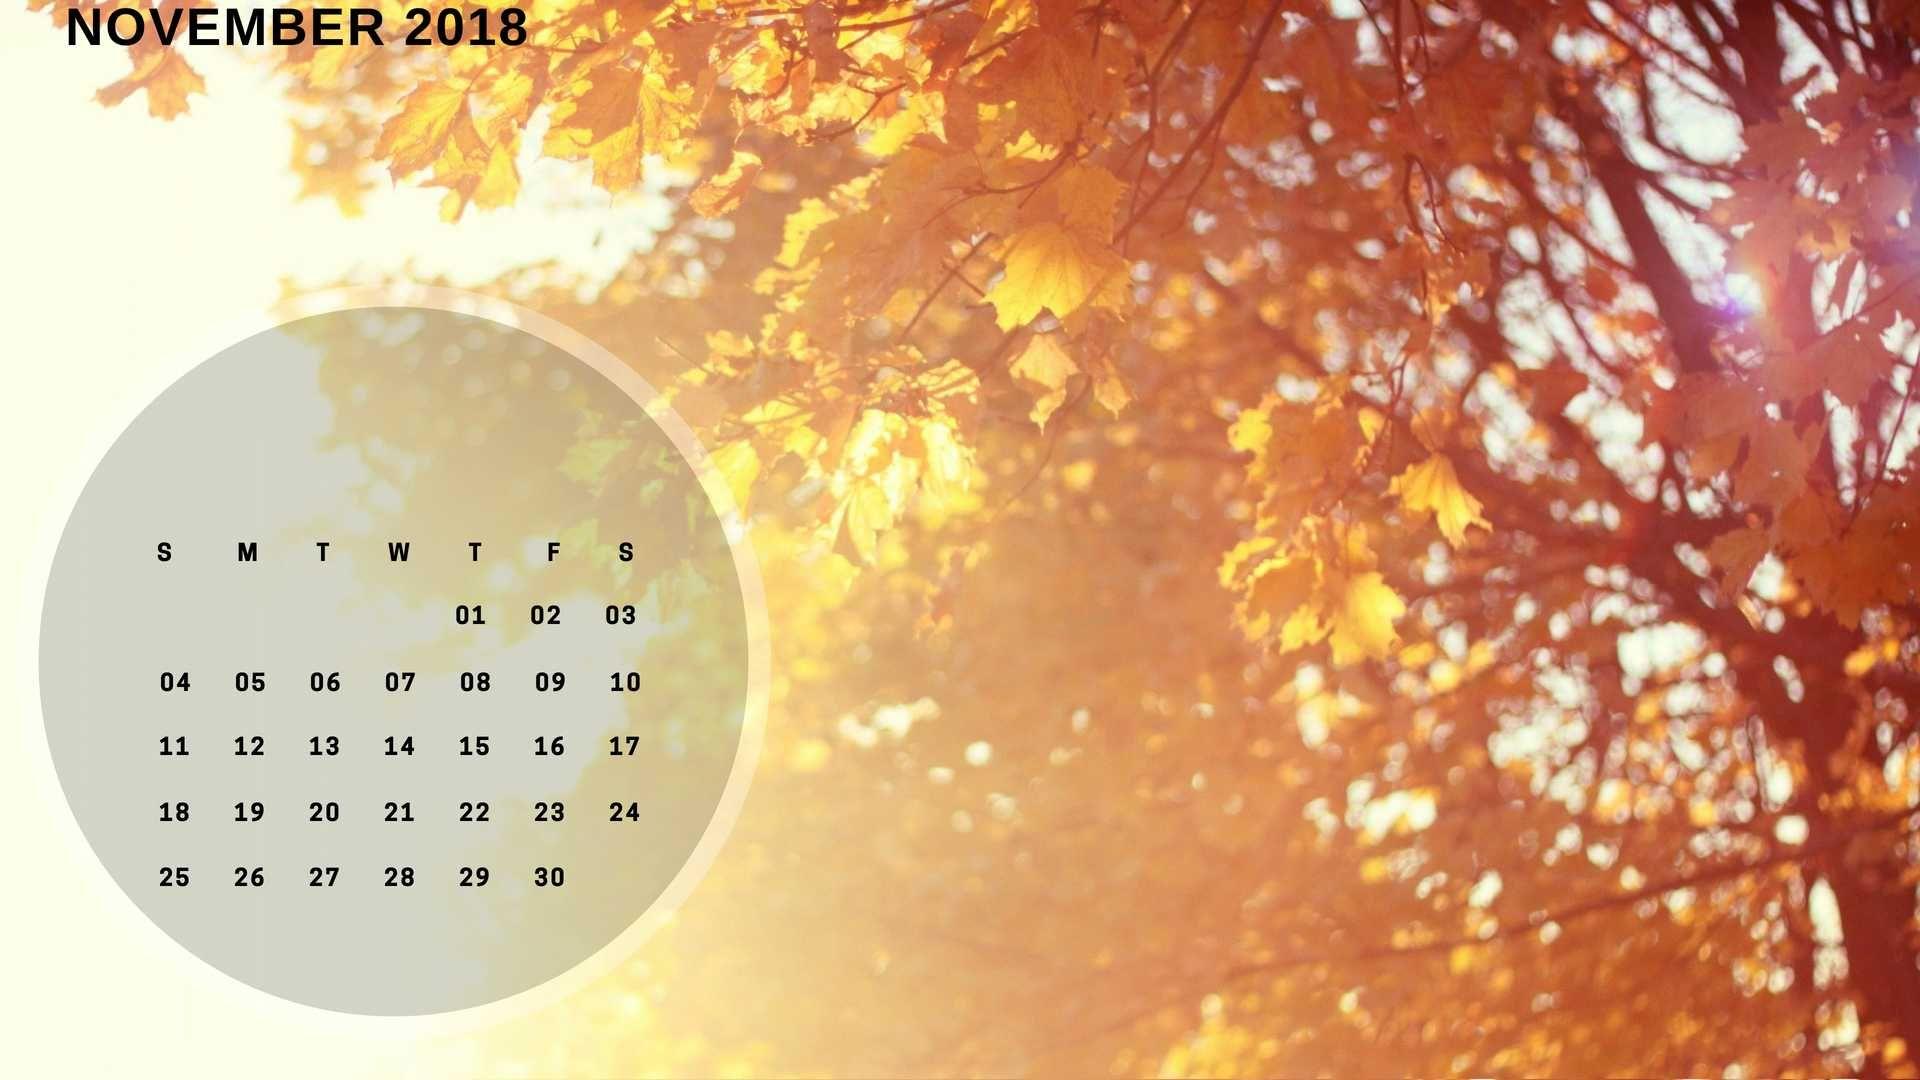 November 2018 Calendar Wallpaper For Desktop Calendar Wallpaper Desktop Wallpaper Backgrounds Desktop